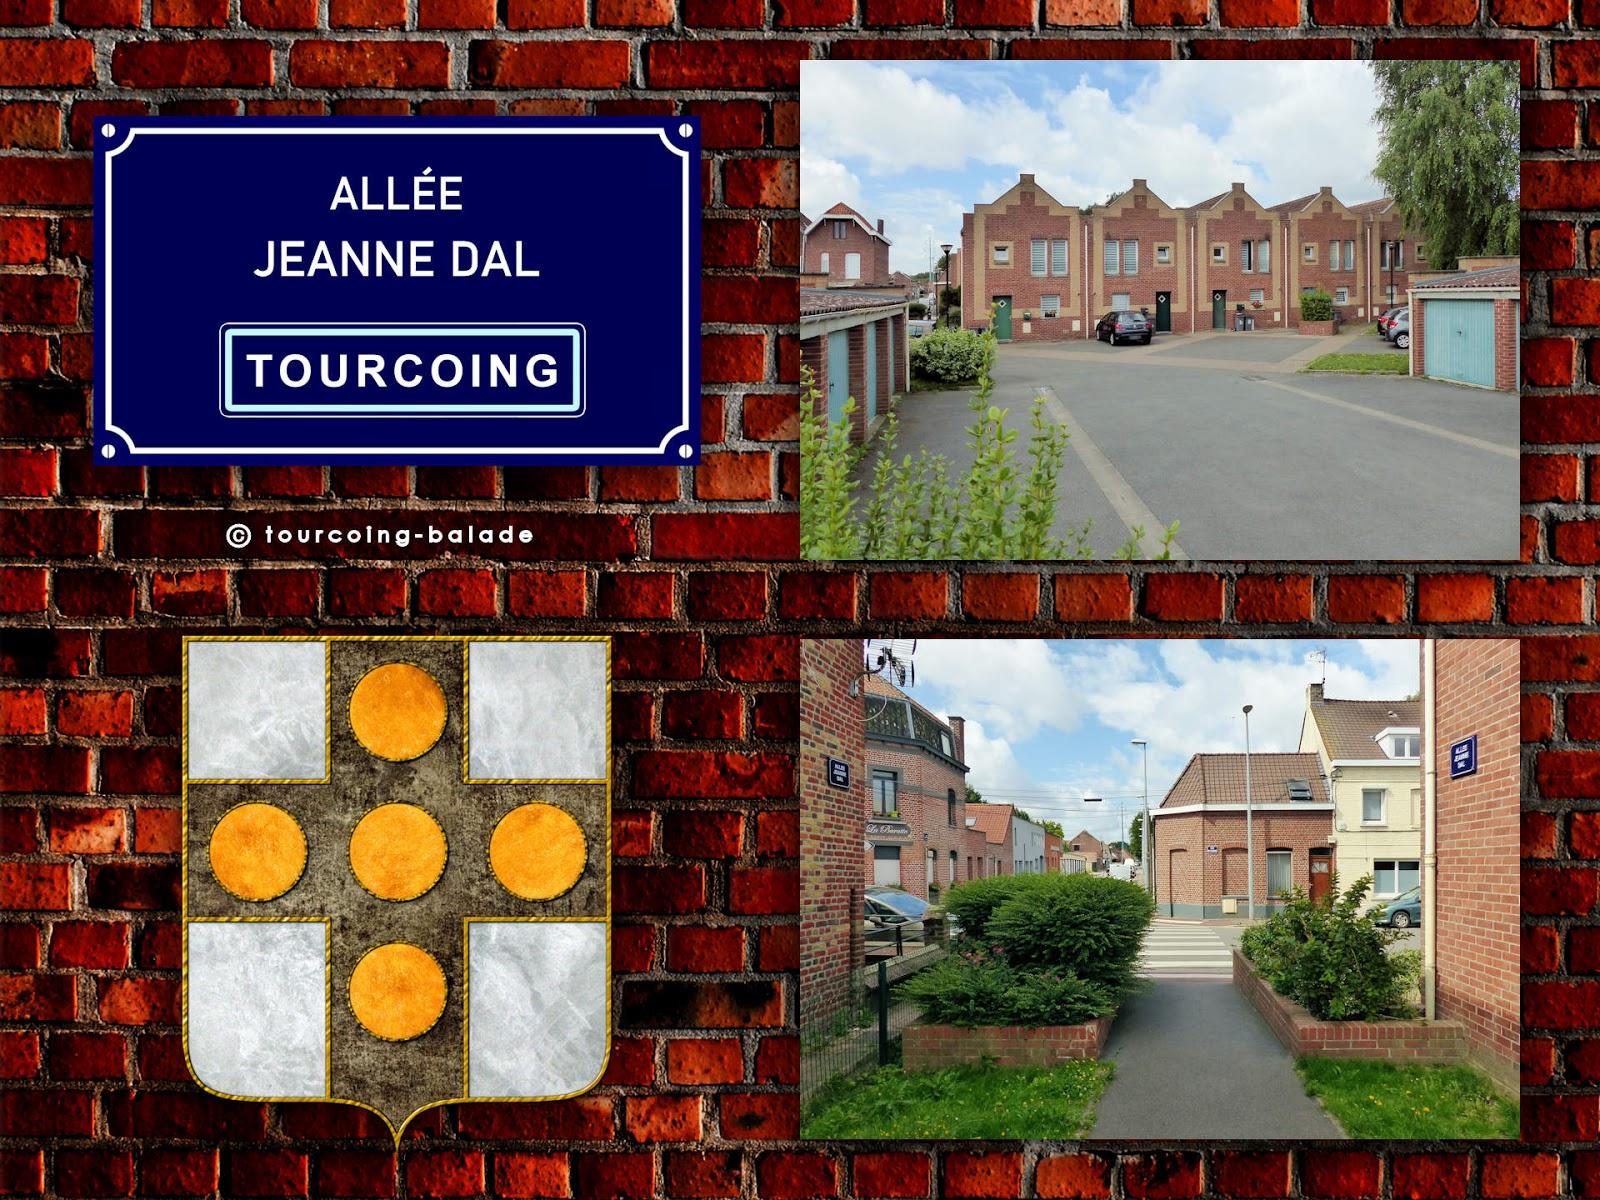 Répertoire Rues Tourcoing - Allée DAL